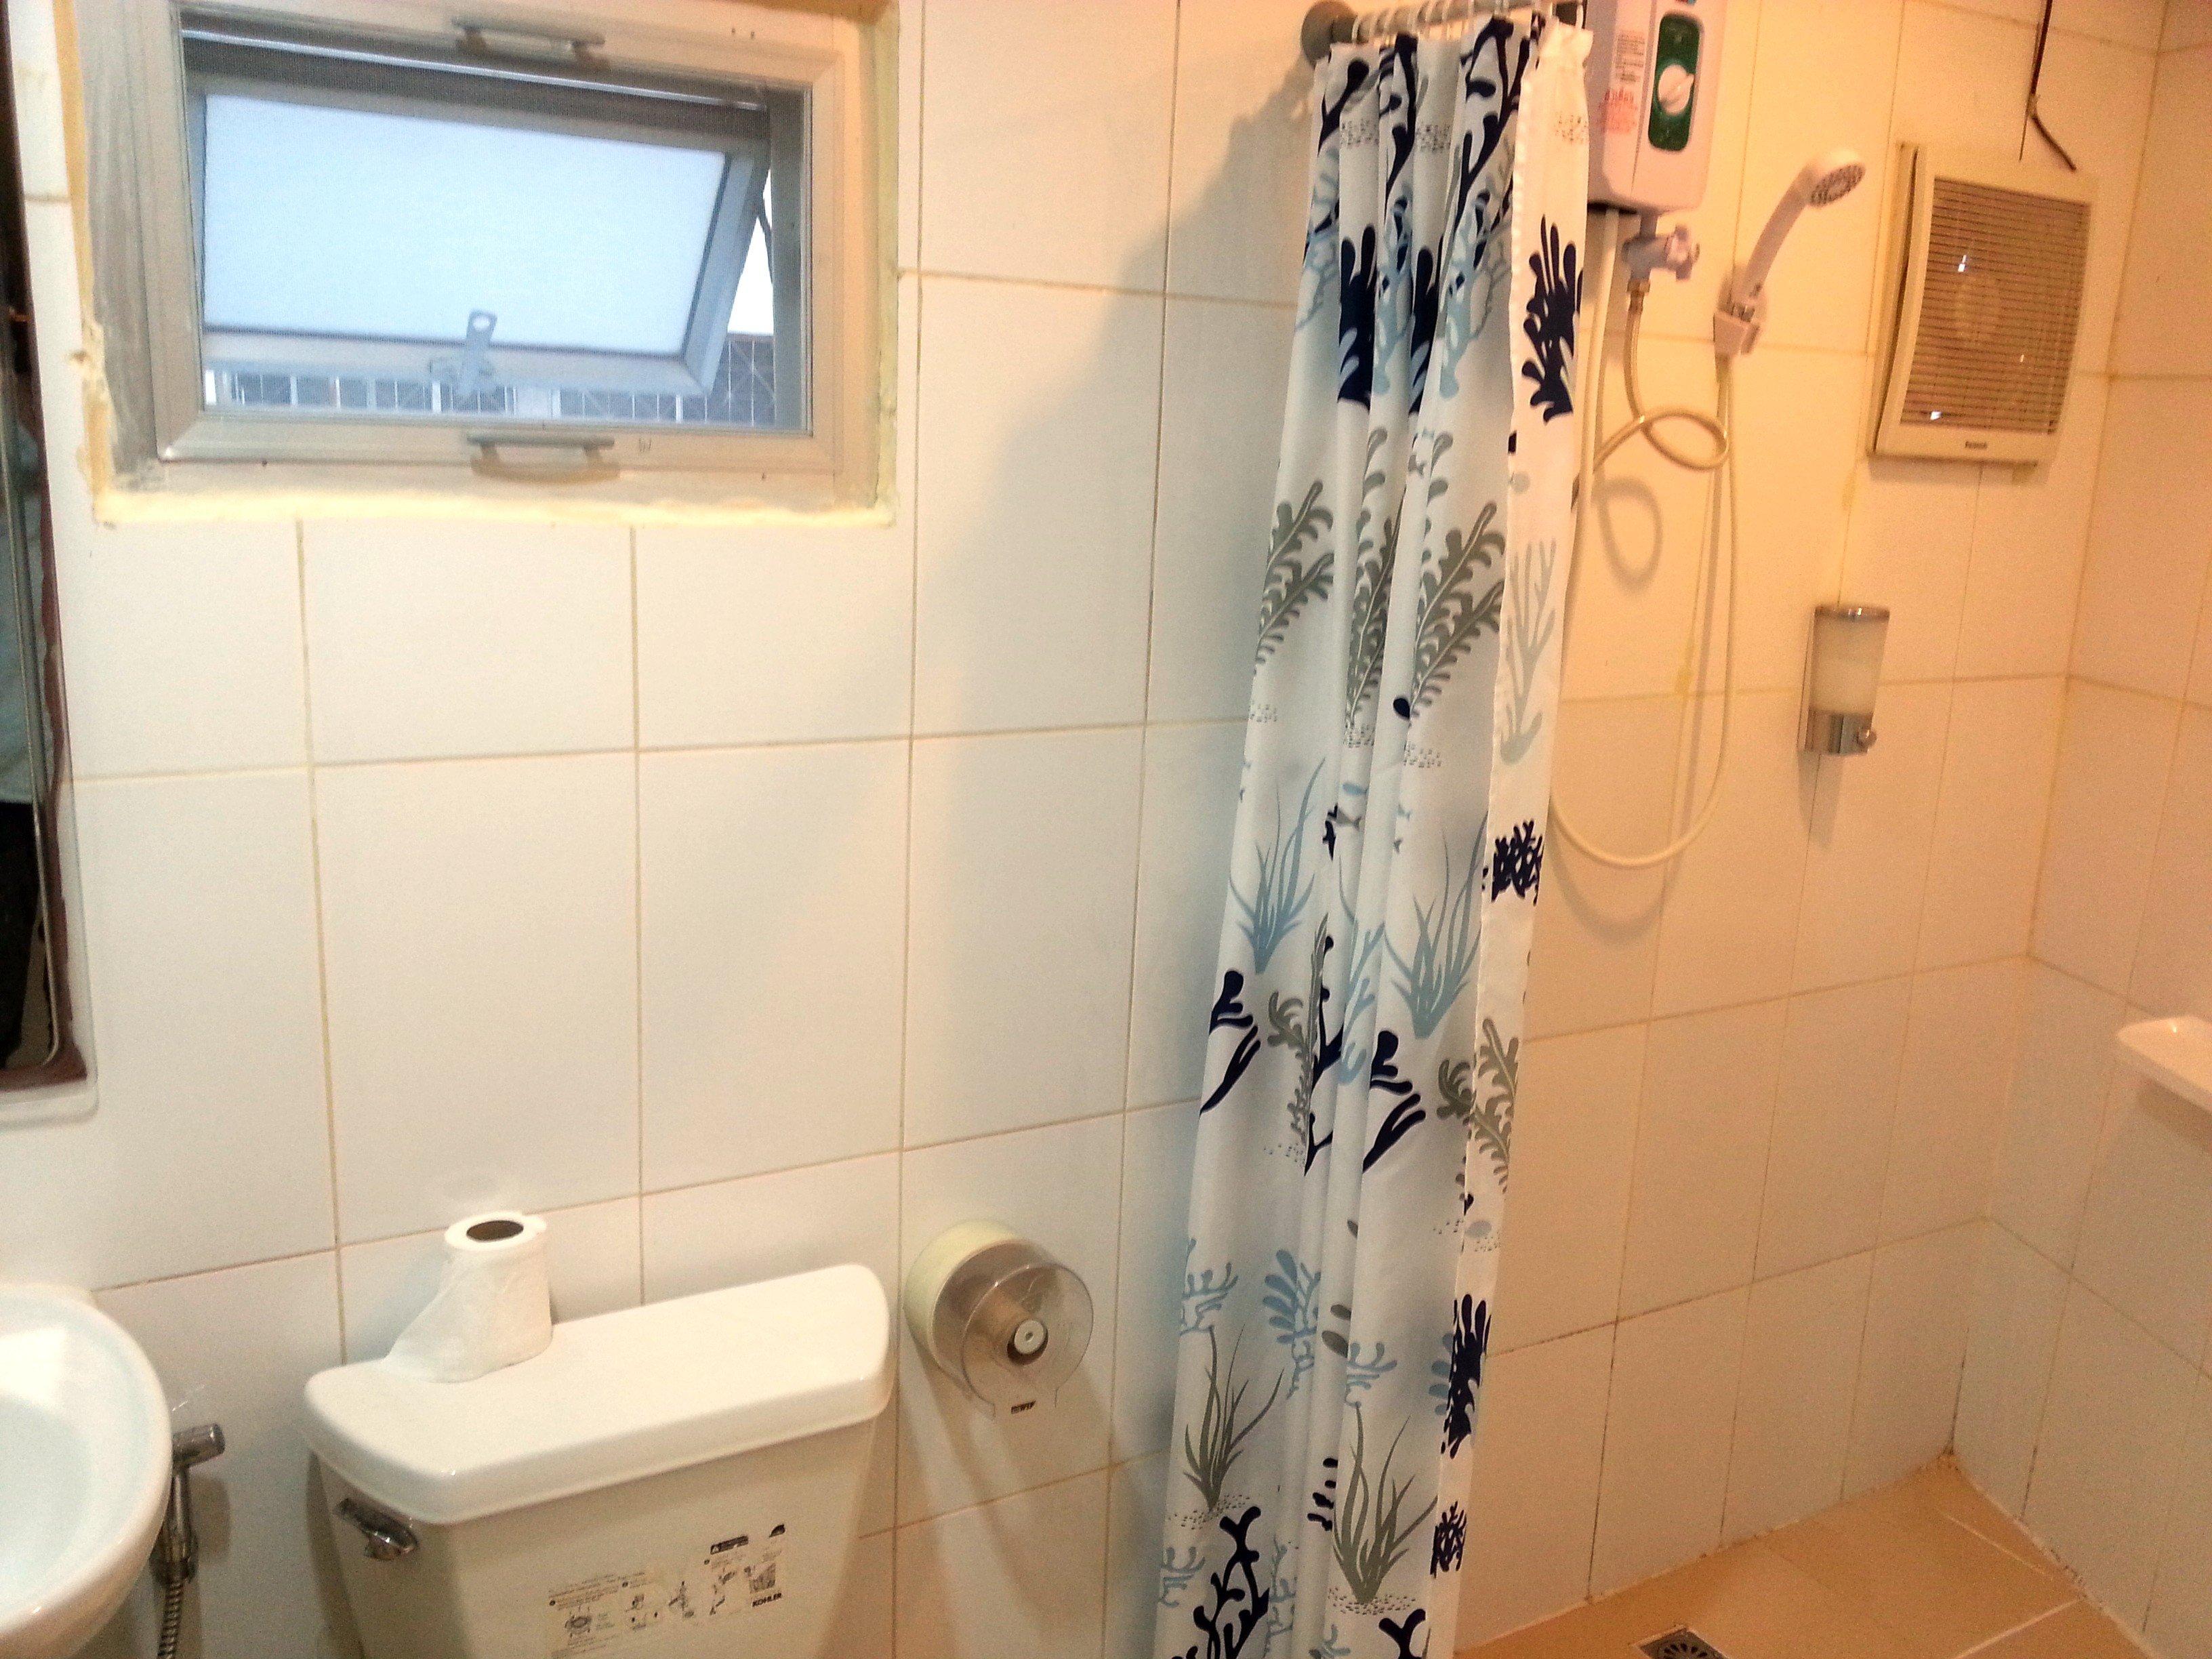 Bathroom at the City Inn Udonthani